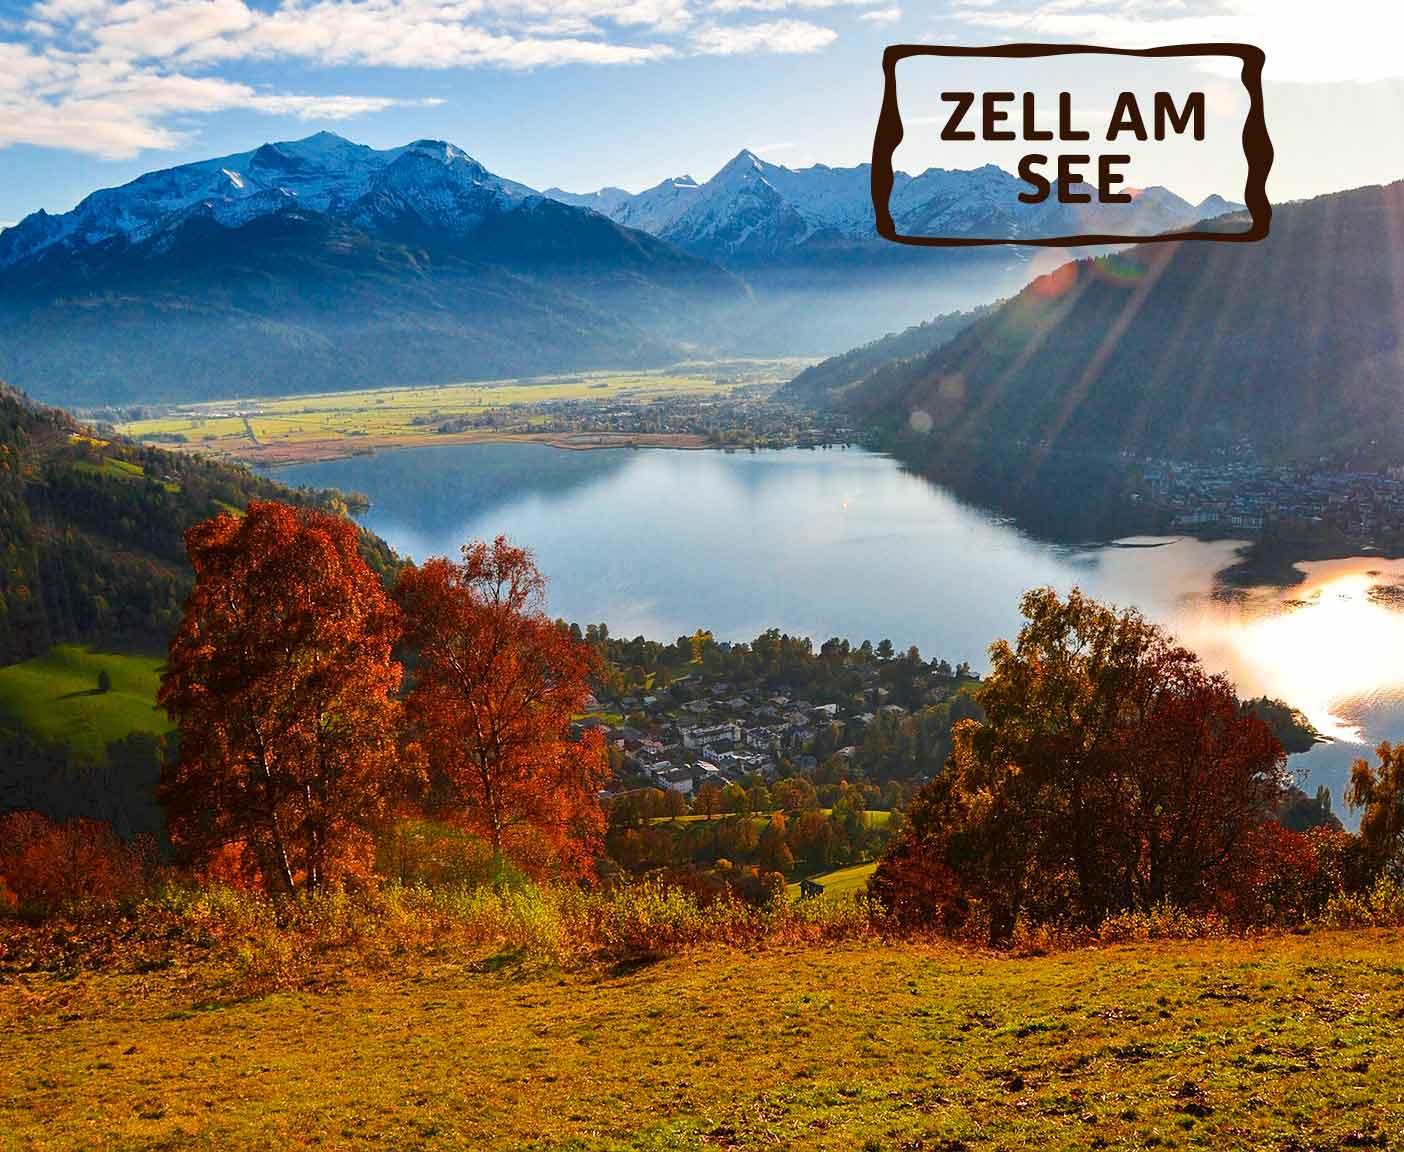 rote Bäume und Büsche stehen vor Zell am See, Berge mit Eisspitzen im Hintergrund, Sonnenstrahl, Flare, PaulCamper an den Seen in Österreich